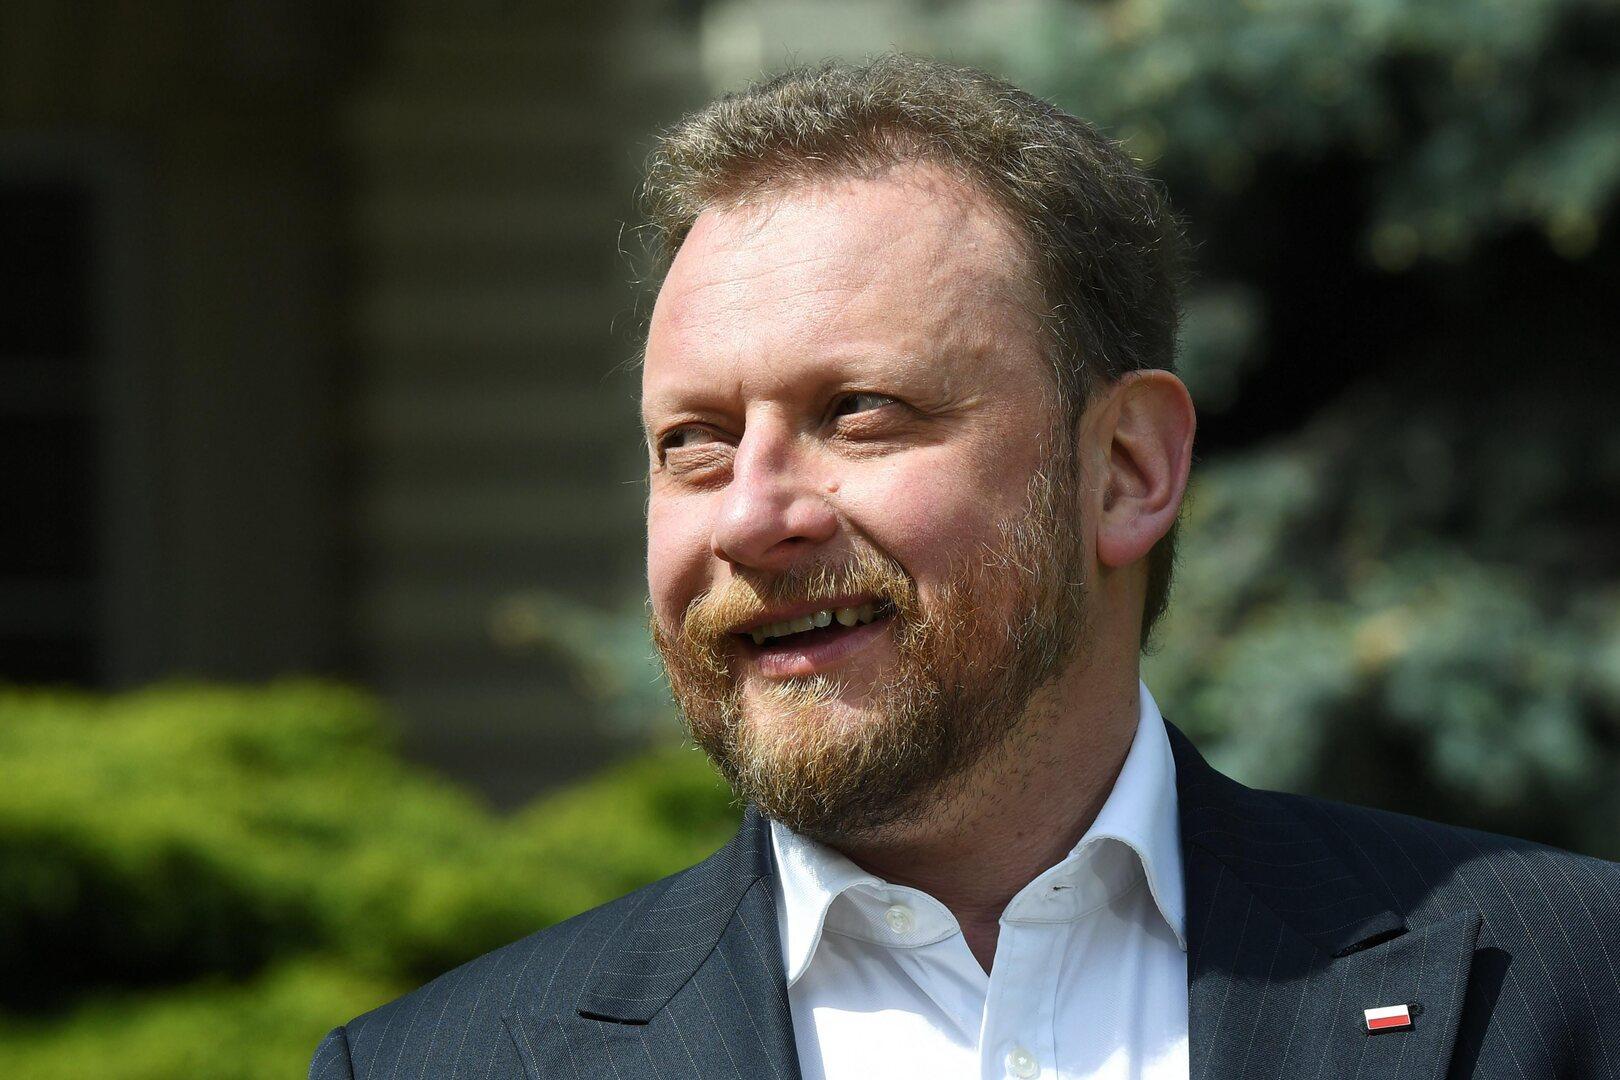 وزير الصحة البولندي لوكاش شوموفسكي